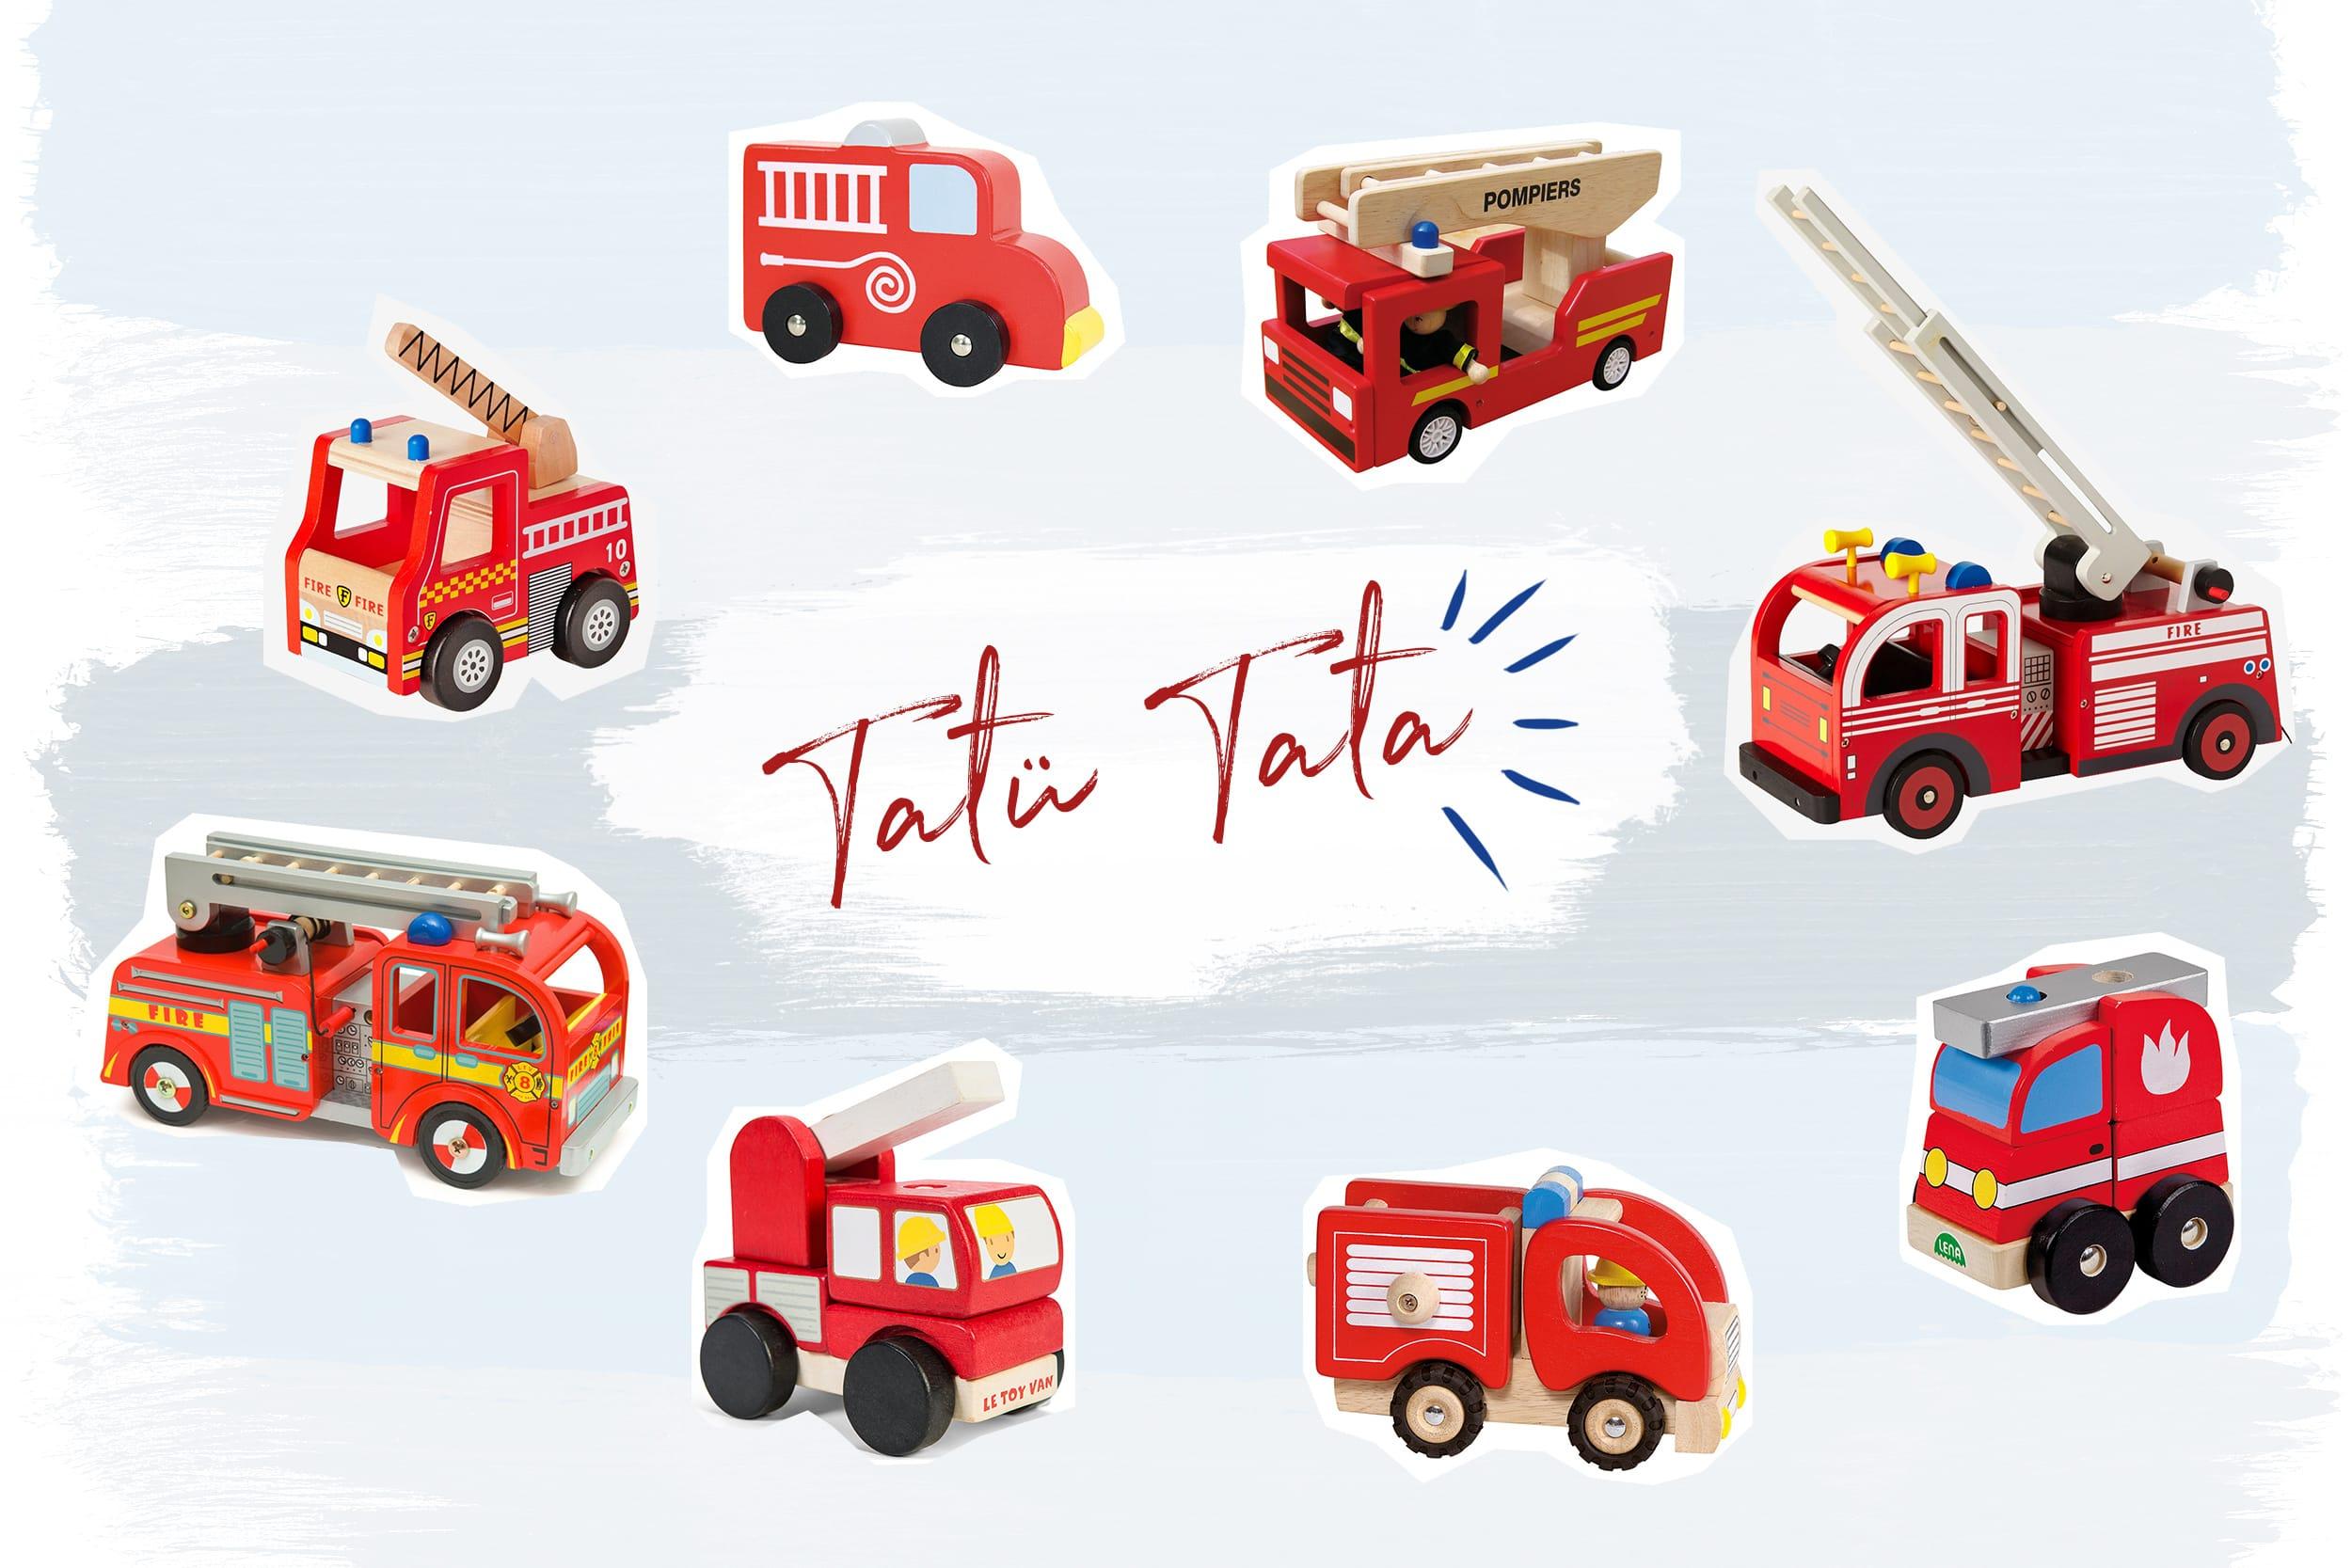 Die schönsten Feuerwehrautos aus Holz für Kleinkinder | Feuerwehrfahrzeuge als Geschenkidee für Kinder zwischen 1 und 3 Jahren